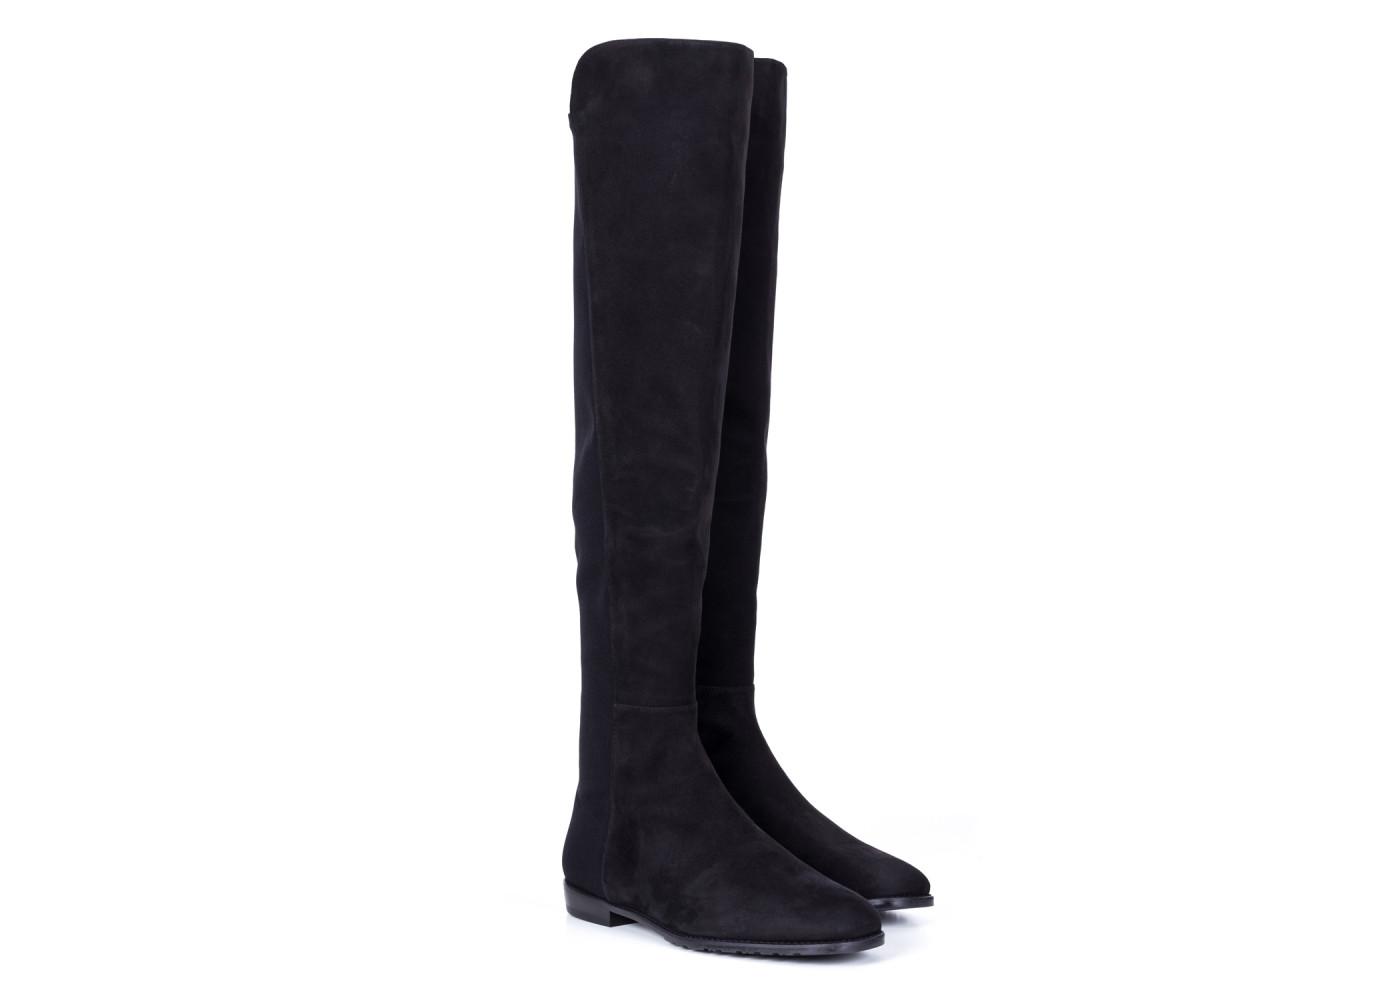 3adff52f88186 czarne-zamszowe-kozaki-damskie-z-elastycznym-materialem-stuart-. Kozaki Sergio  Rossi na wysokim obcasie